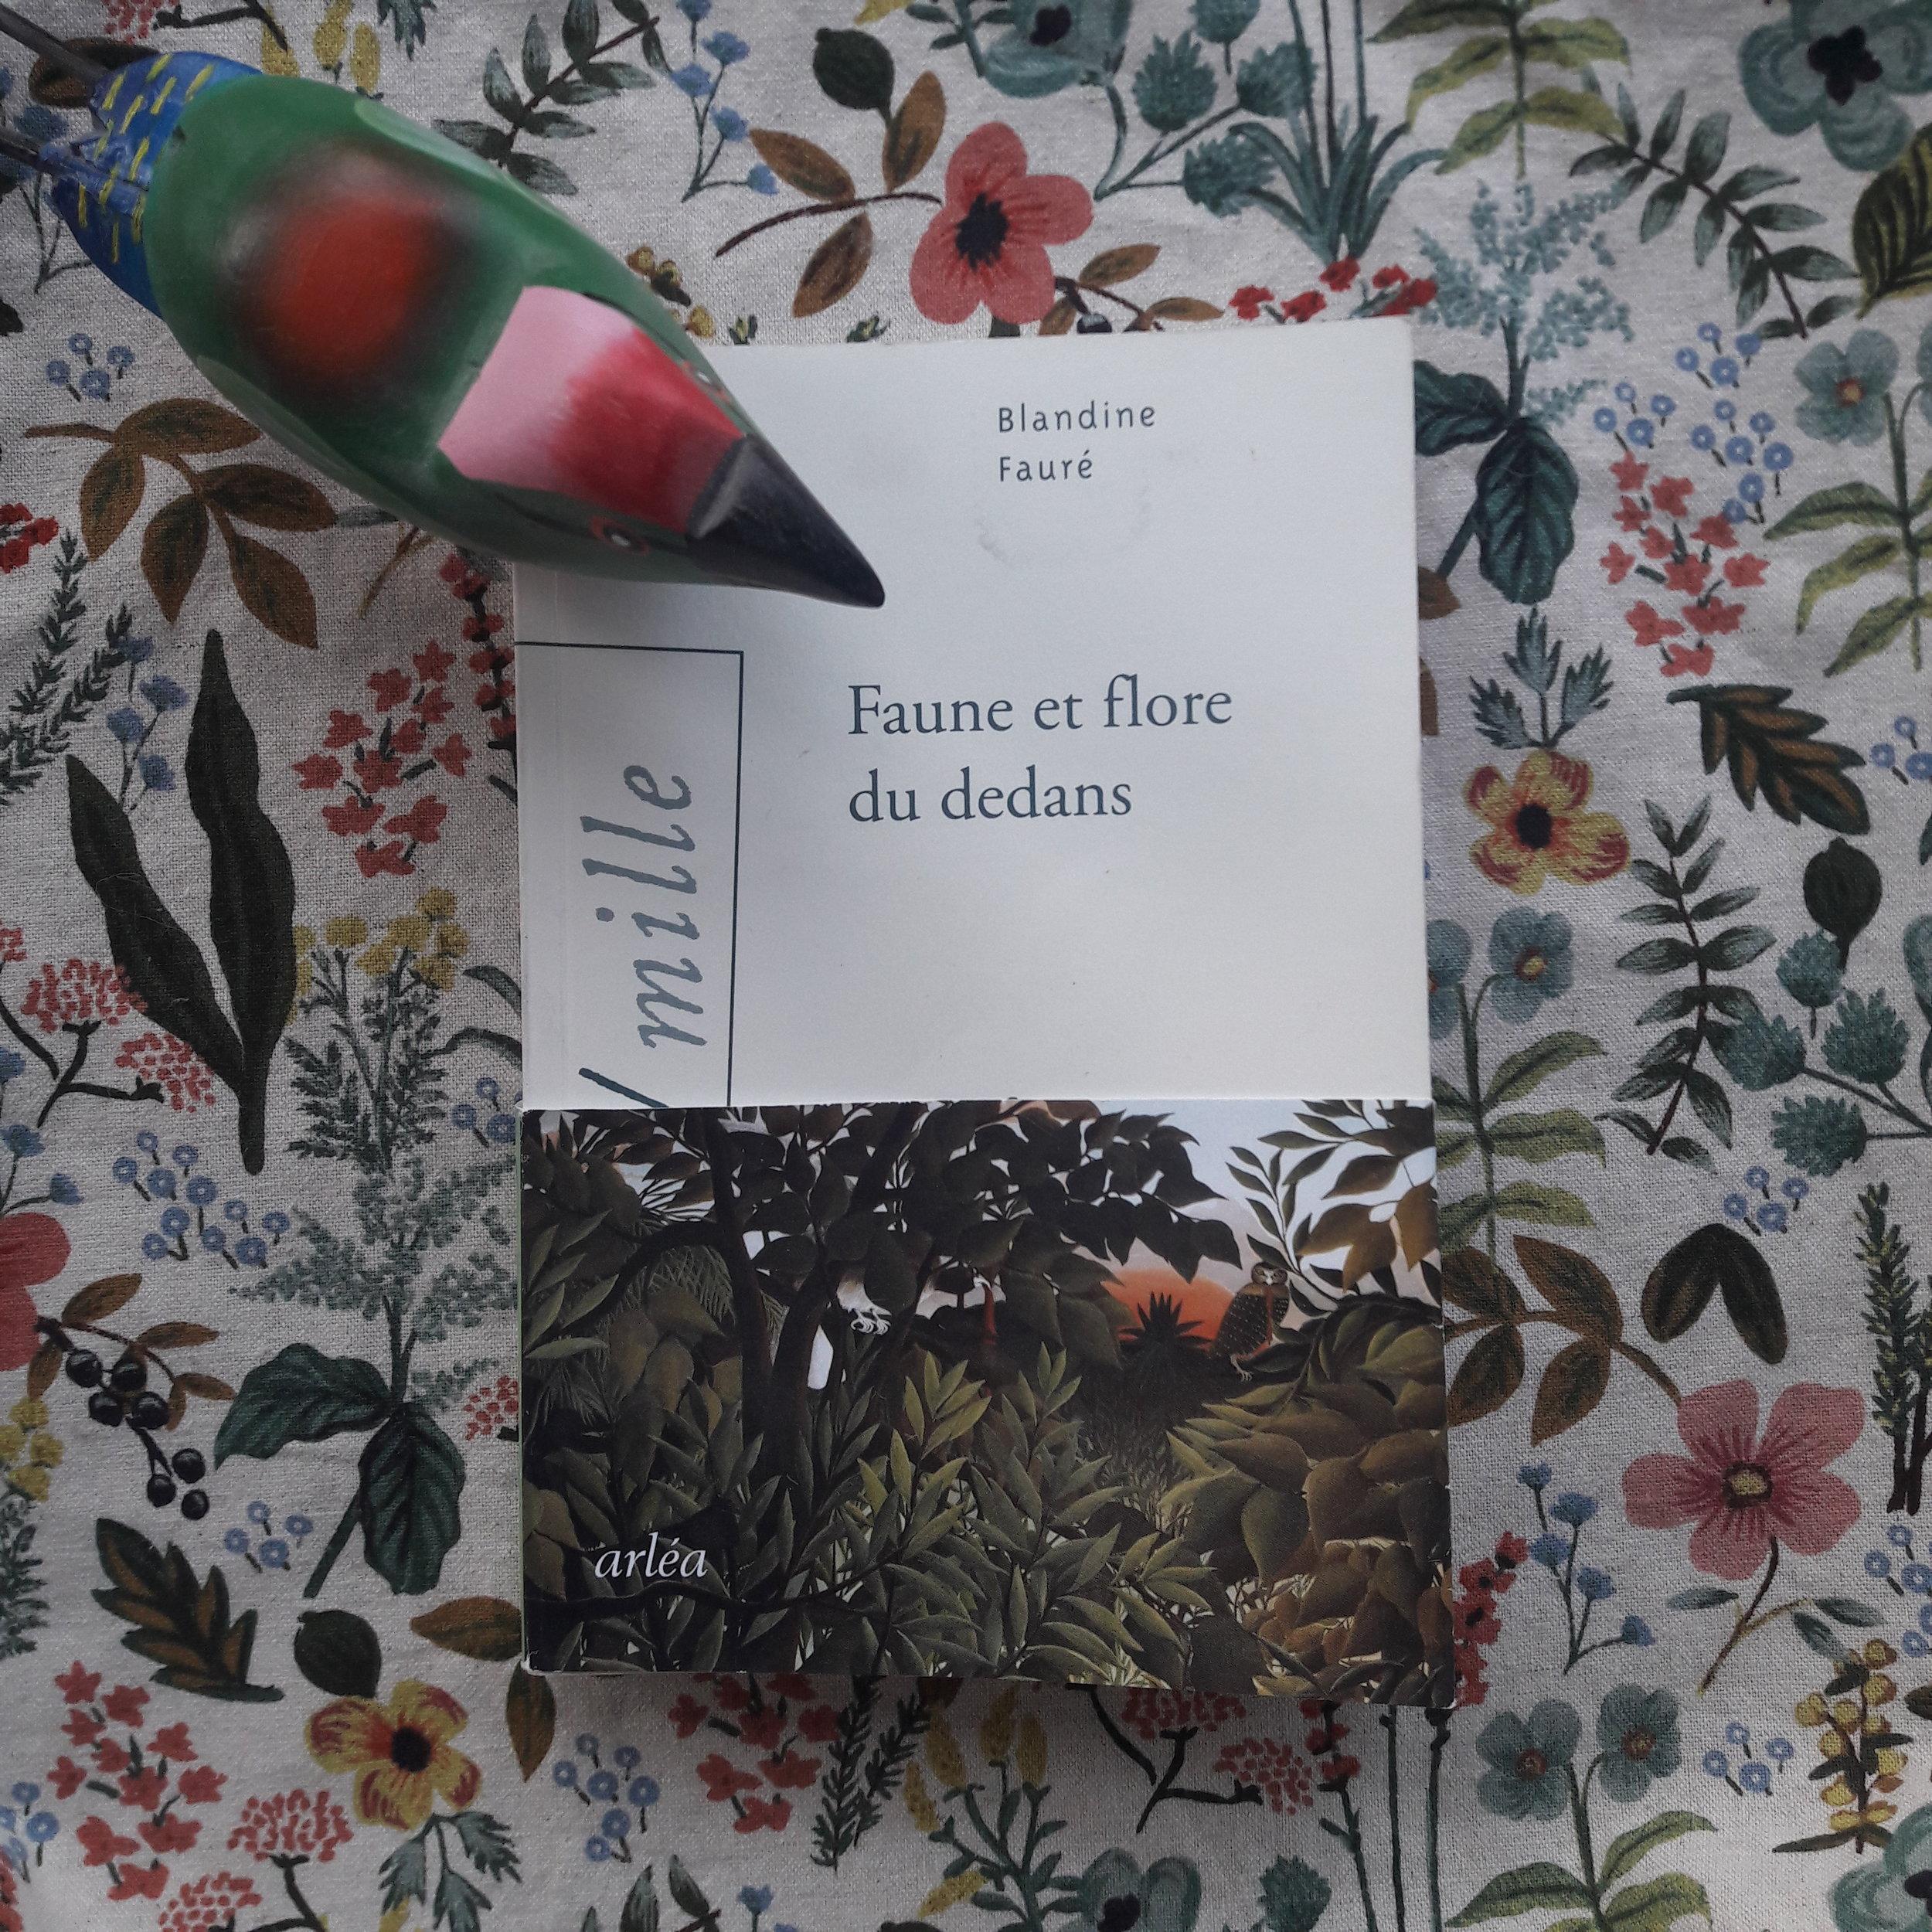 Blandine Fauré, Arléa, 2019